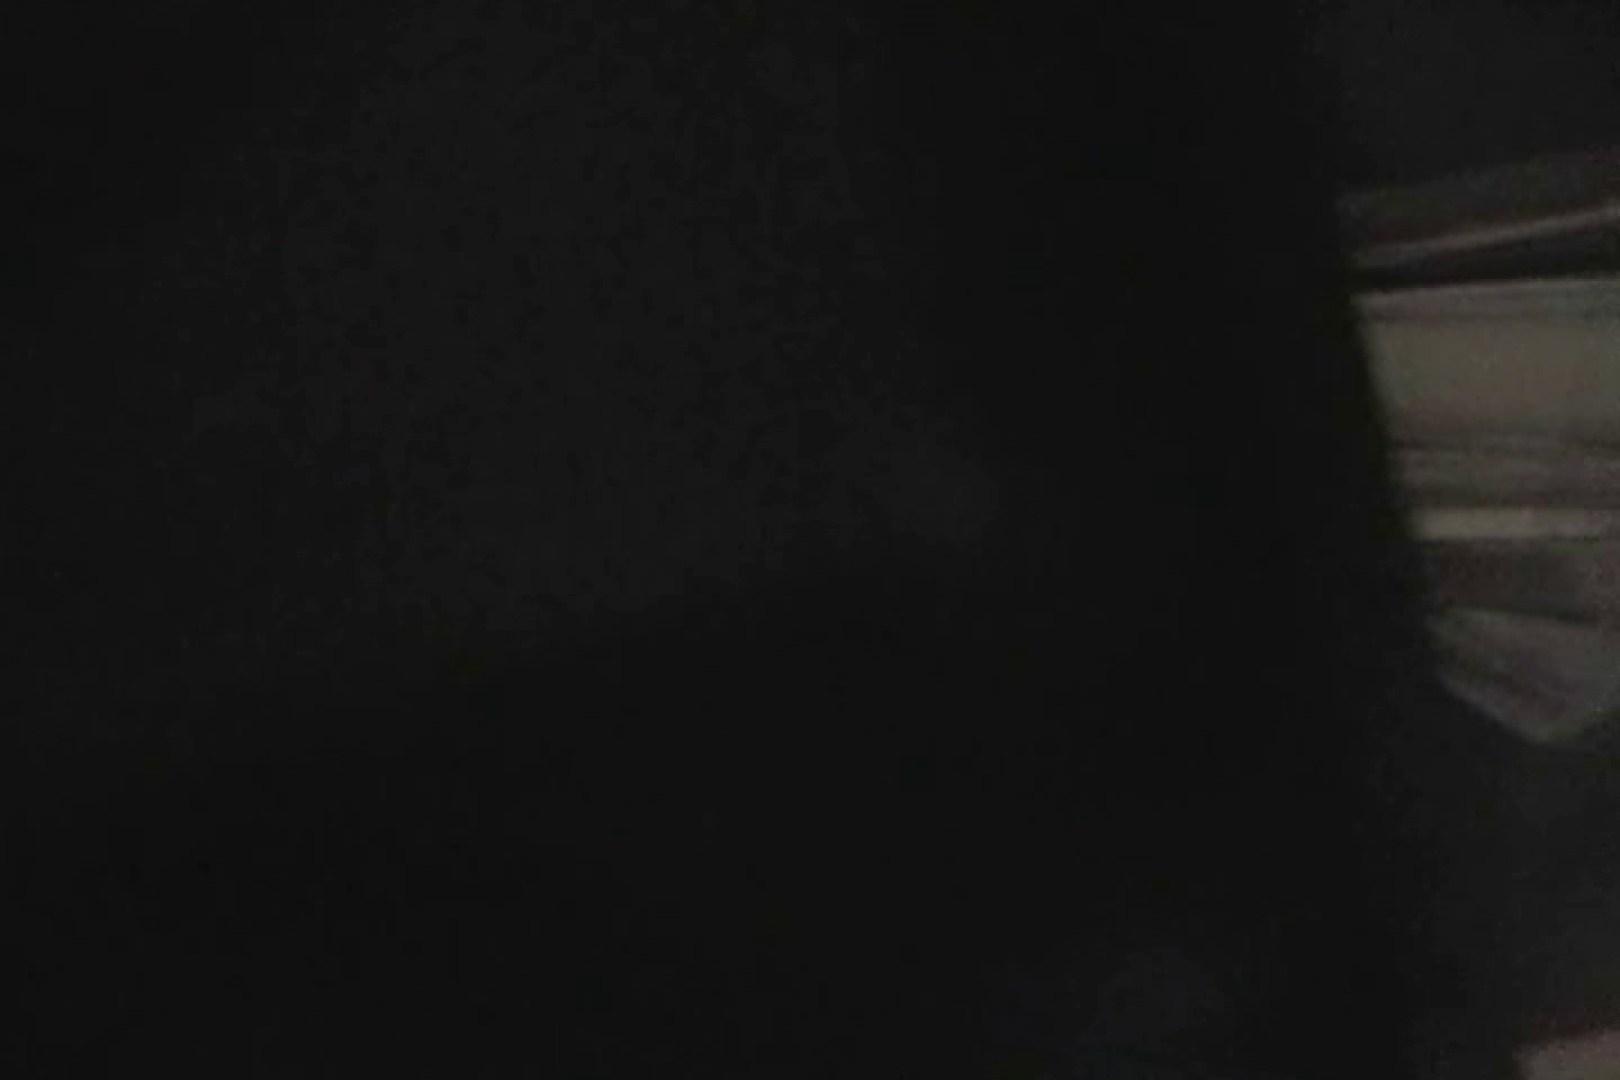 流出!極太の悪戯ウォッチング!前編 悪戯特集 ゲイ無料エロ画像 92枚 49